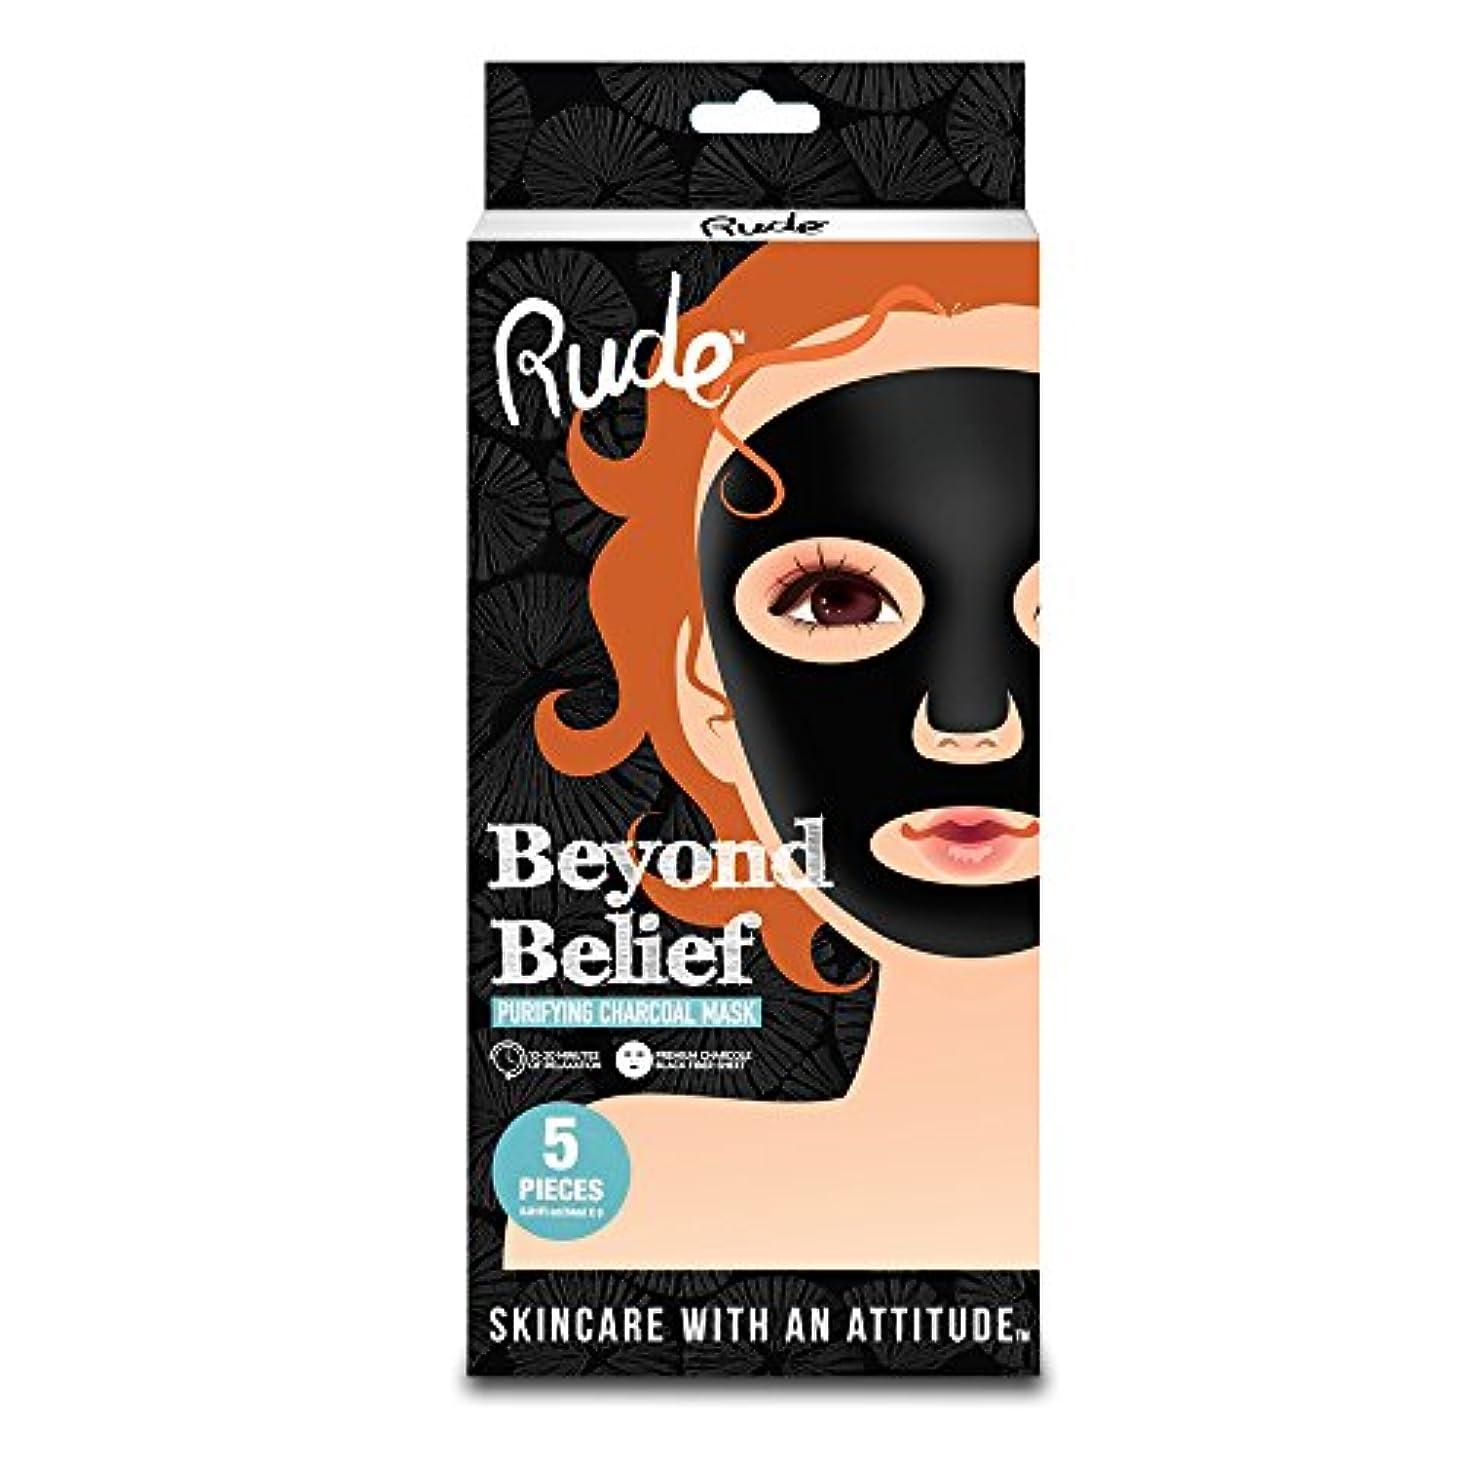 デッキ寄生虫海里RUDE Beyond Belief Purifying Charcoal Mask 5 Piece Pack (並行輸入品)